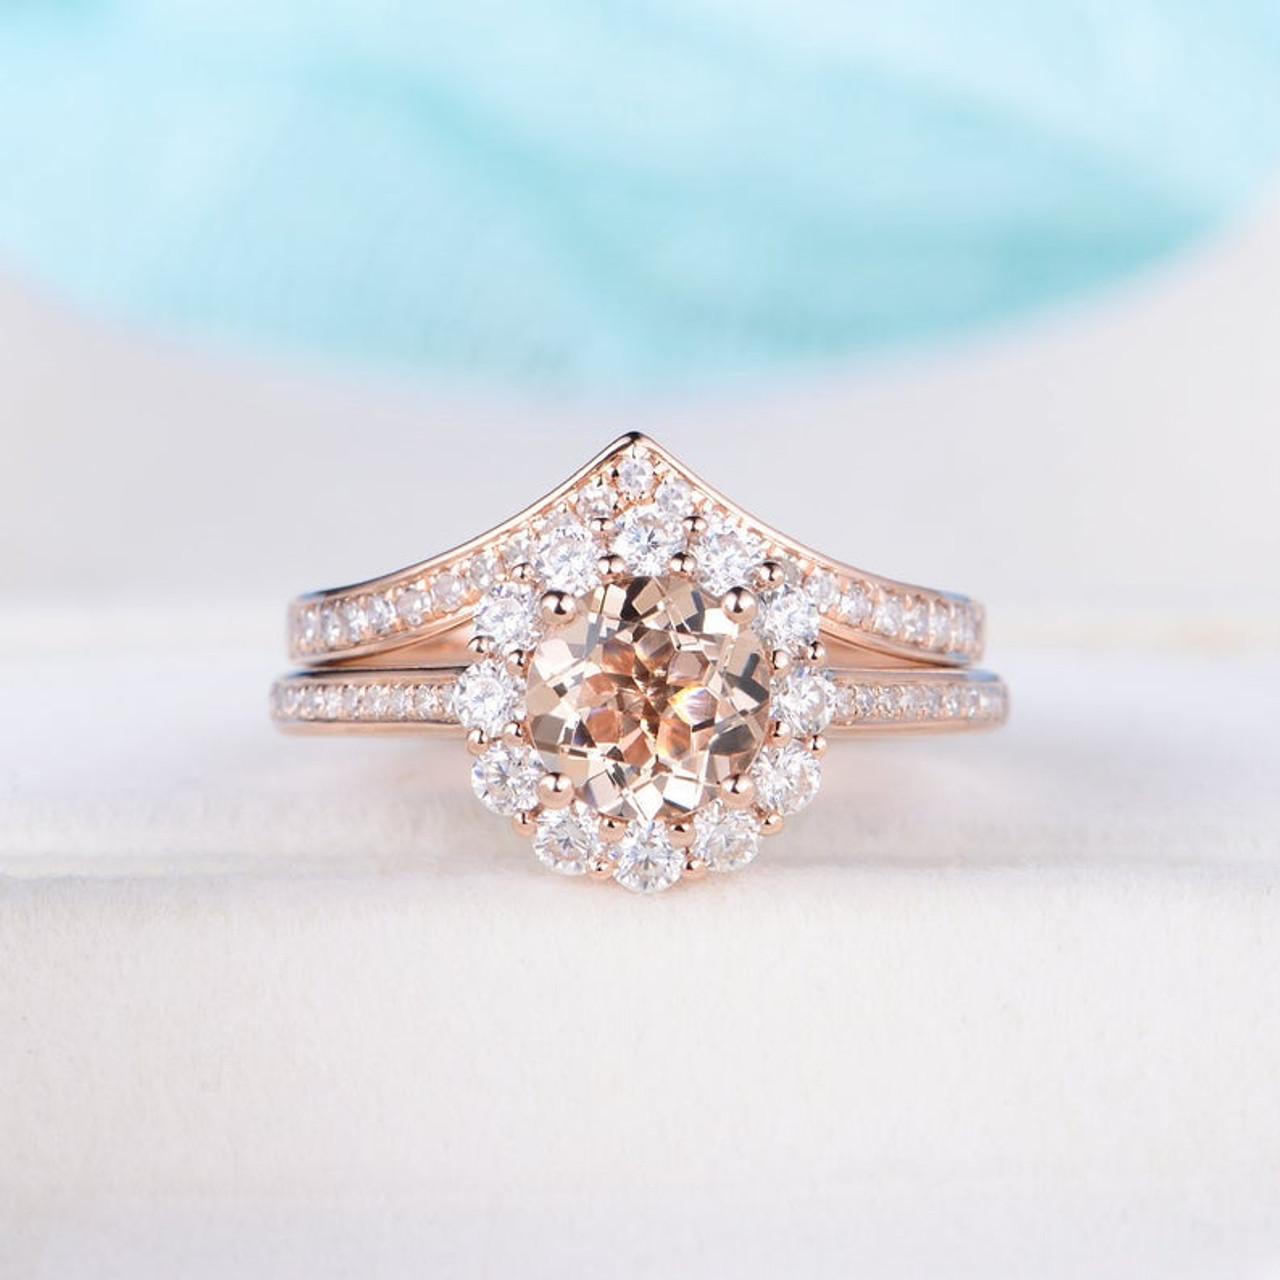 Morganite Rose Gold Ring Set Engagement Wedding Band Women Art